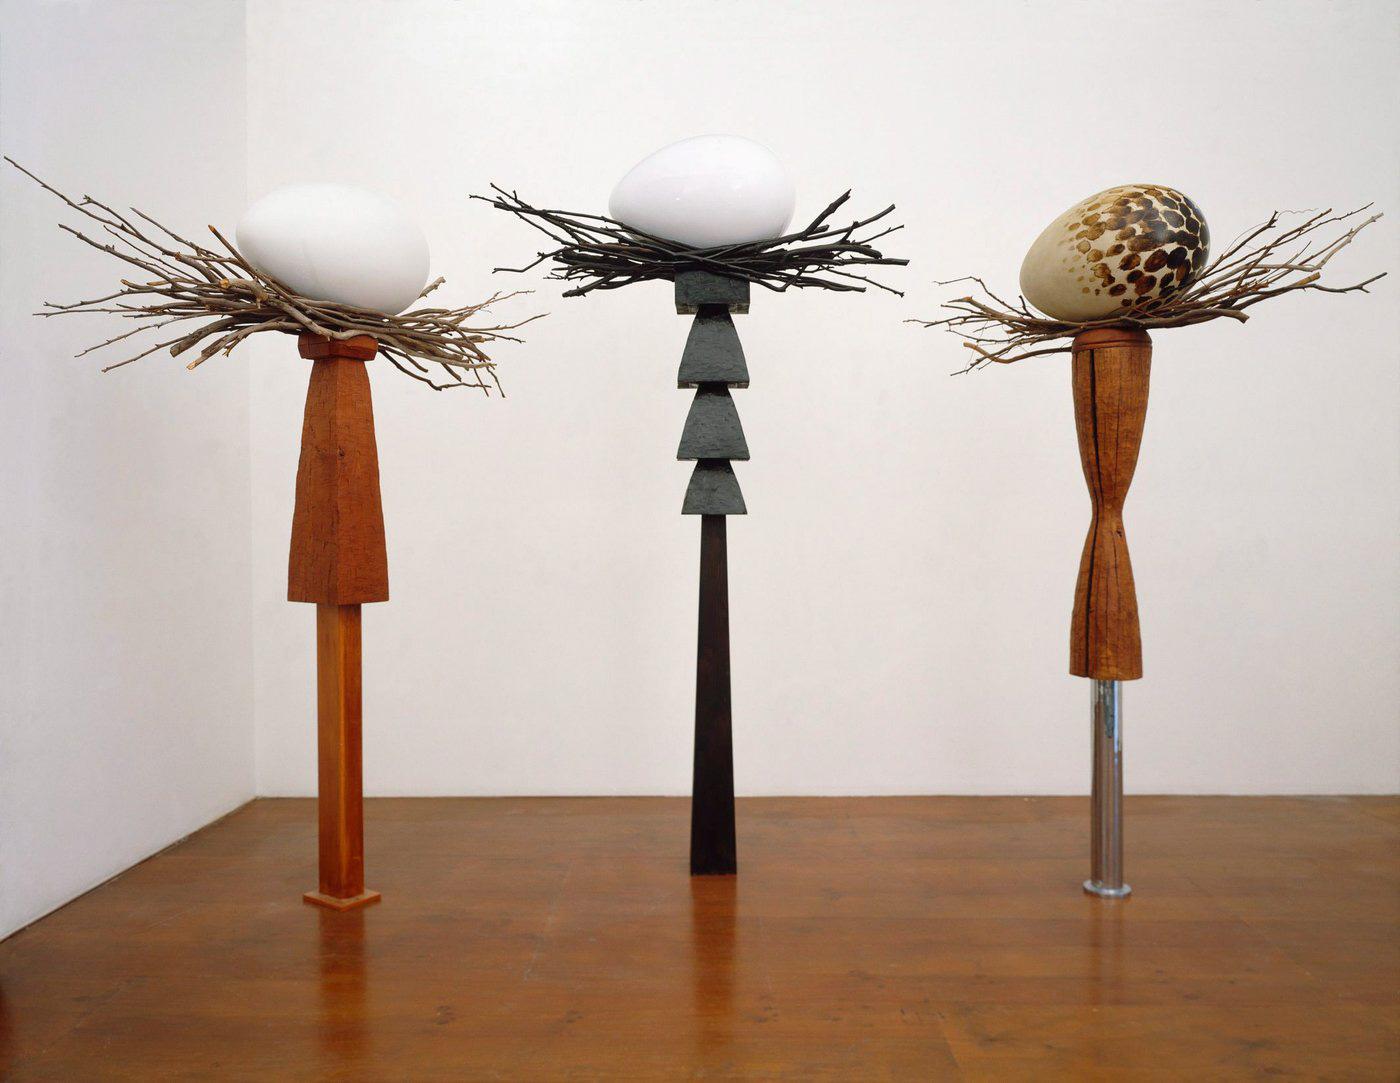 Example Artwork – Birds Nest and Egg Sculptures, Brett Whiteley